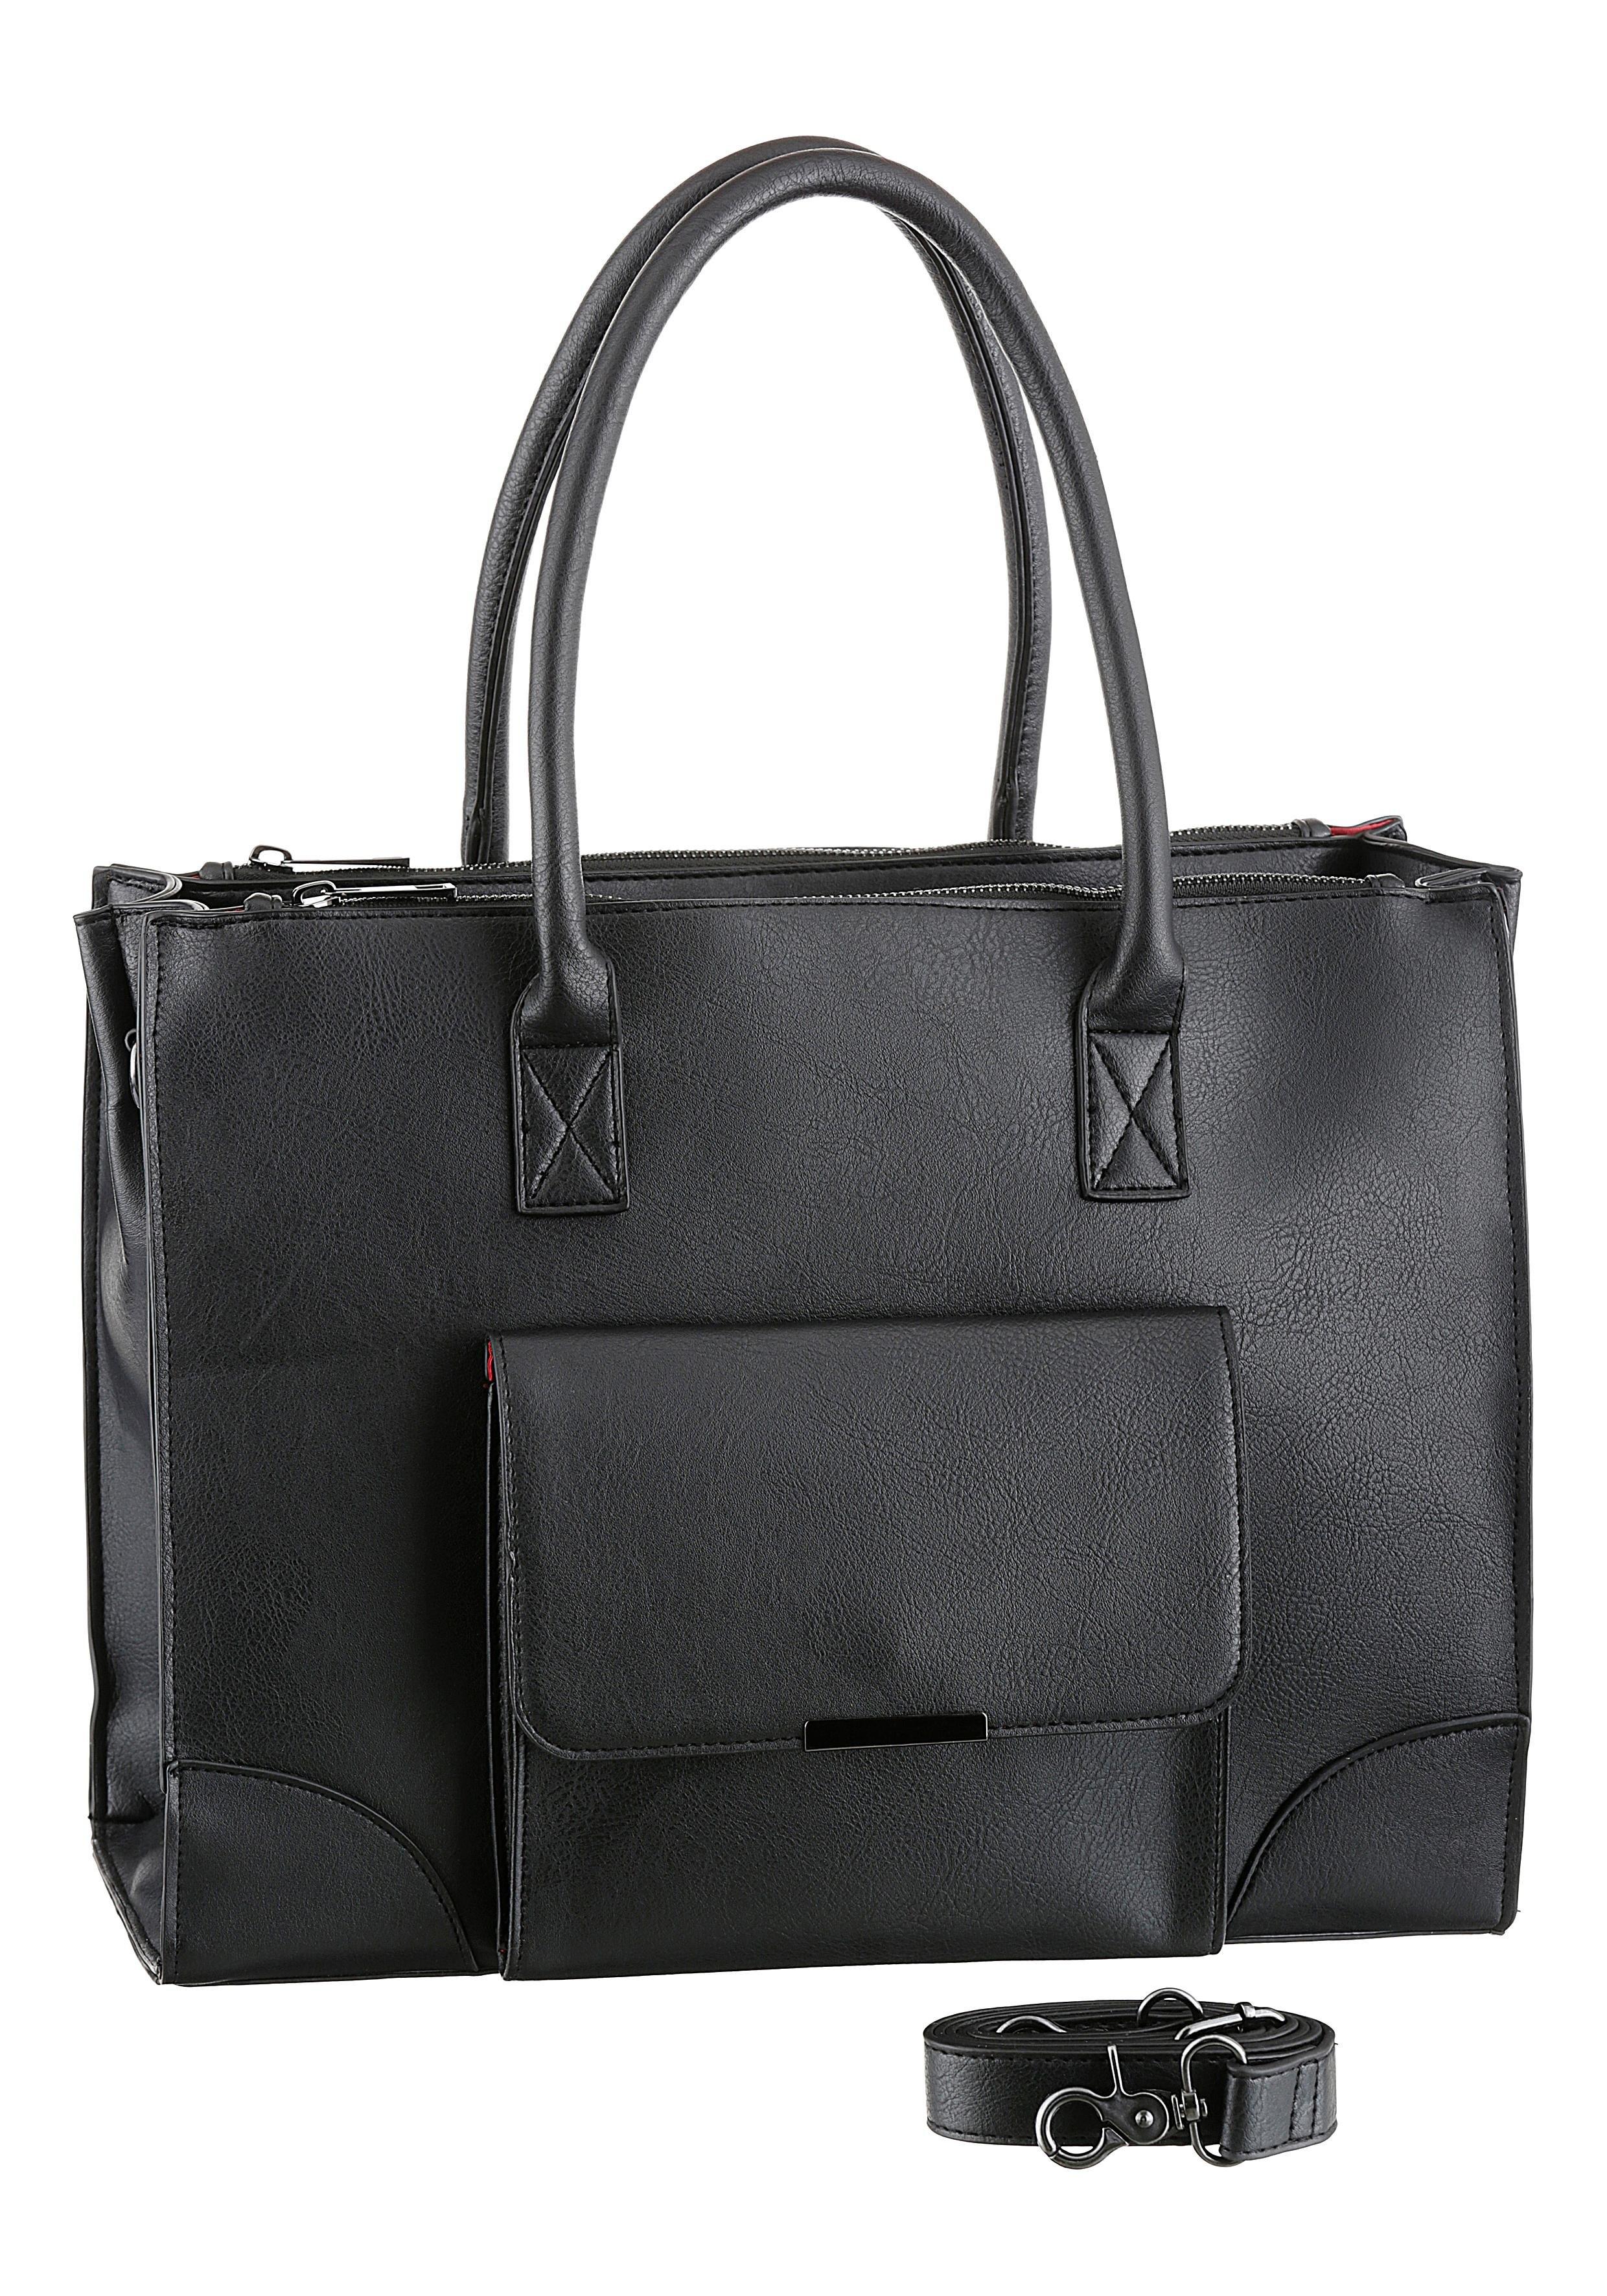 Op zoek naar een J.jayz tas? Koop online bij OTTO